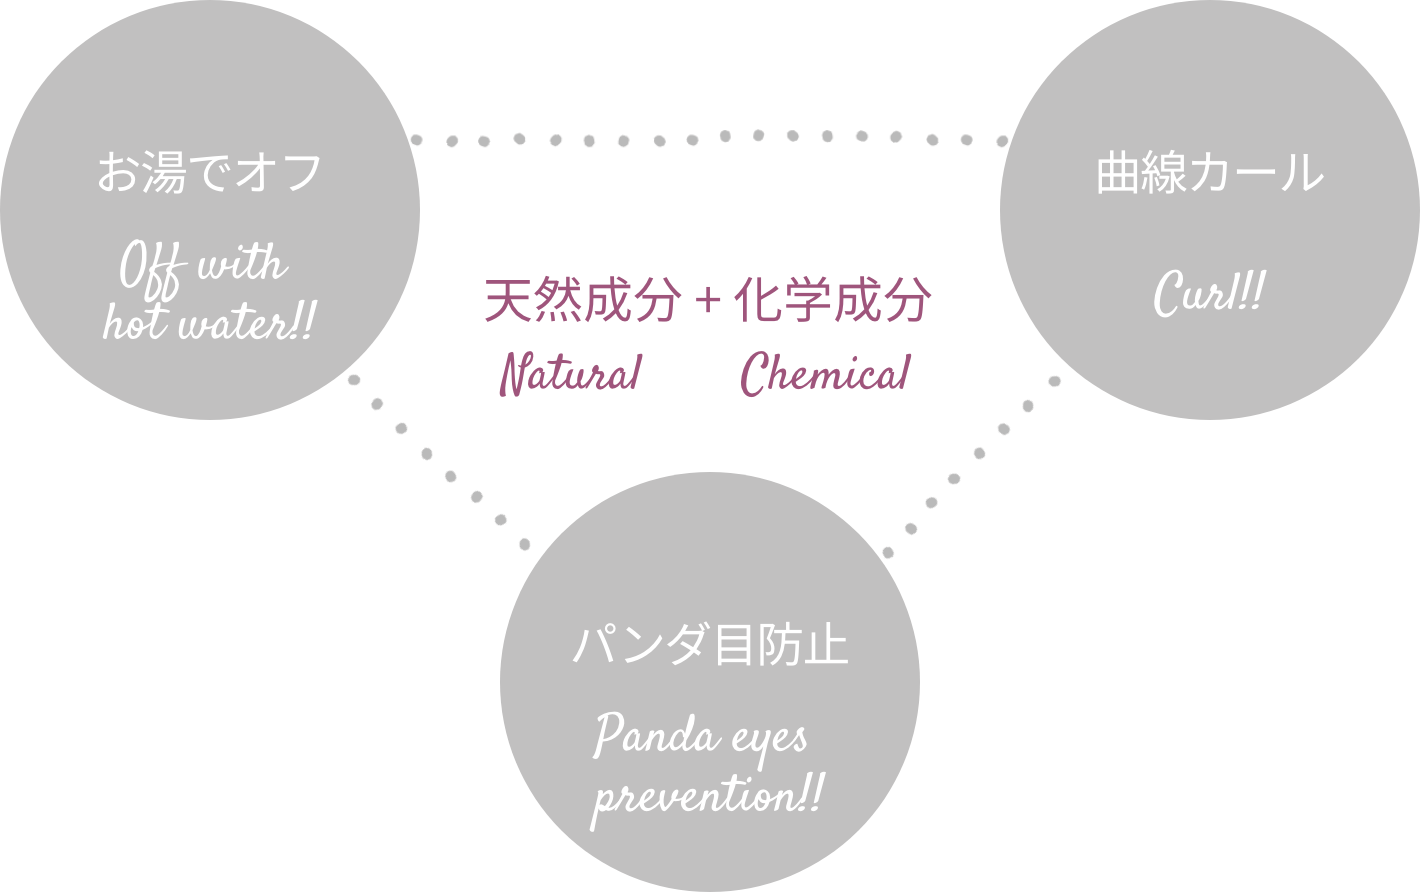 component Natural + Chemical お湯でオフ 曲線カール パンダ目防止